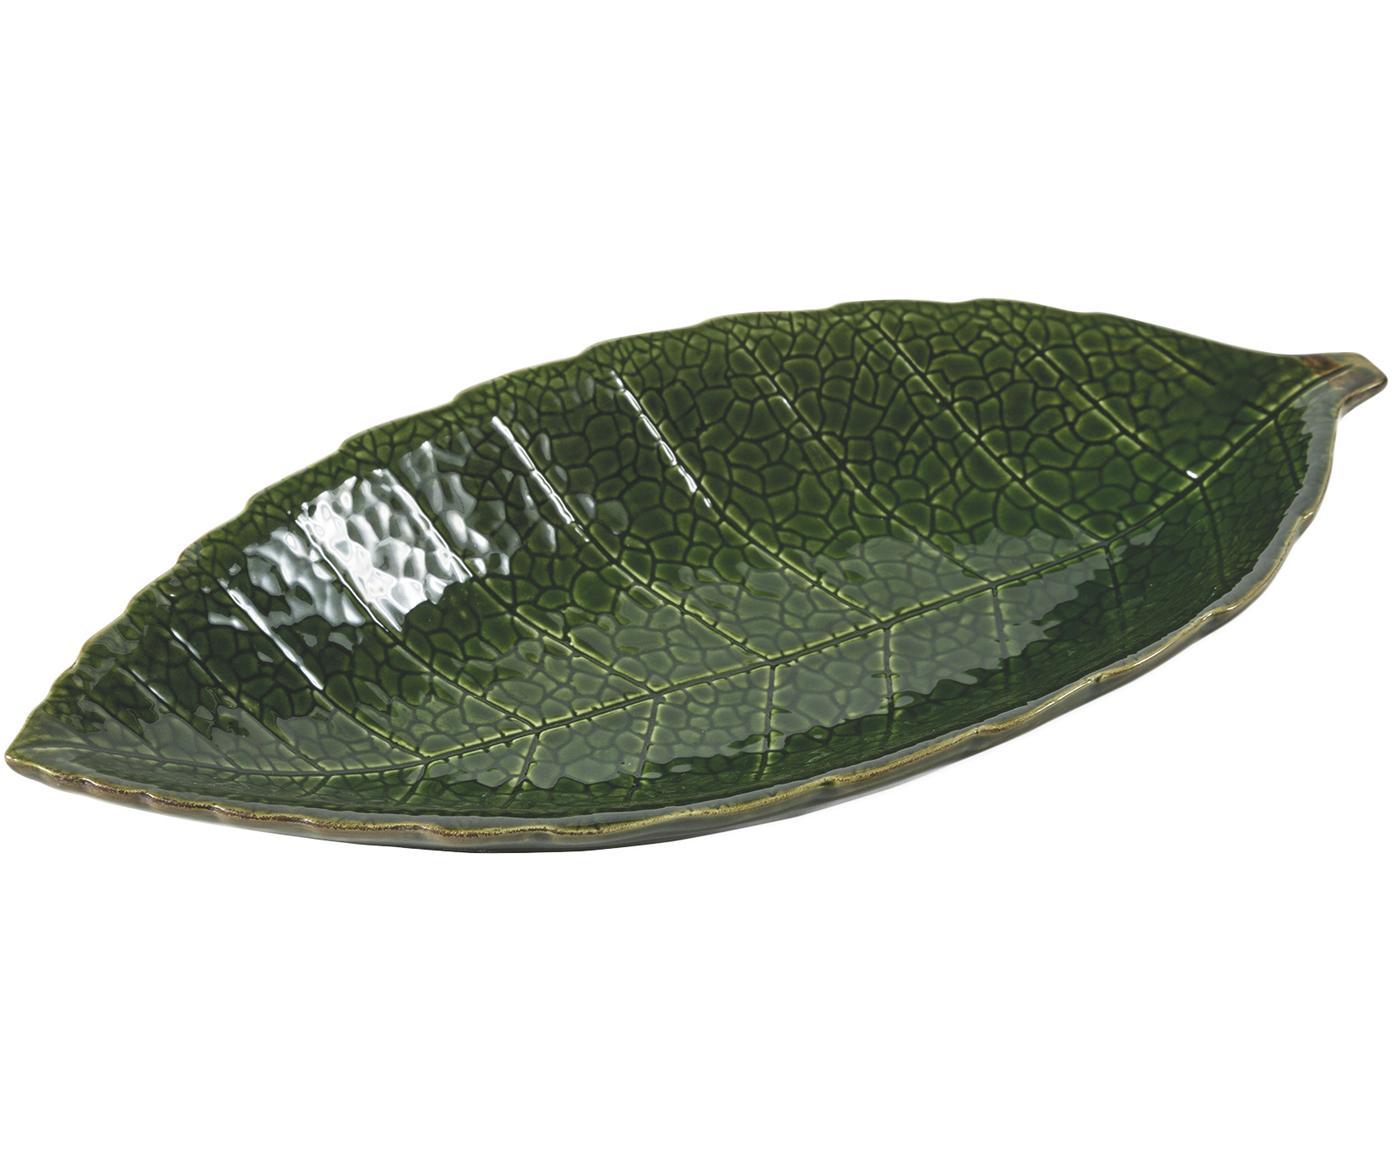 Servierschale Amazzonia in Blattform, Dolomit, Grün, B 34 x T 16 cm